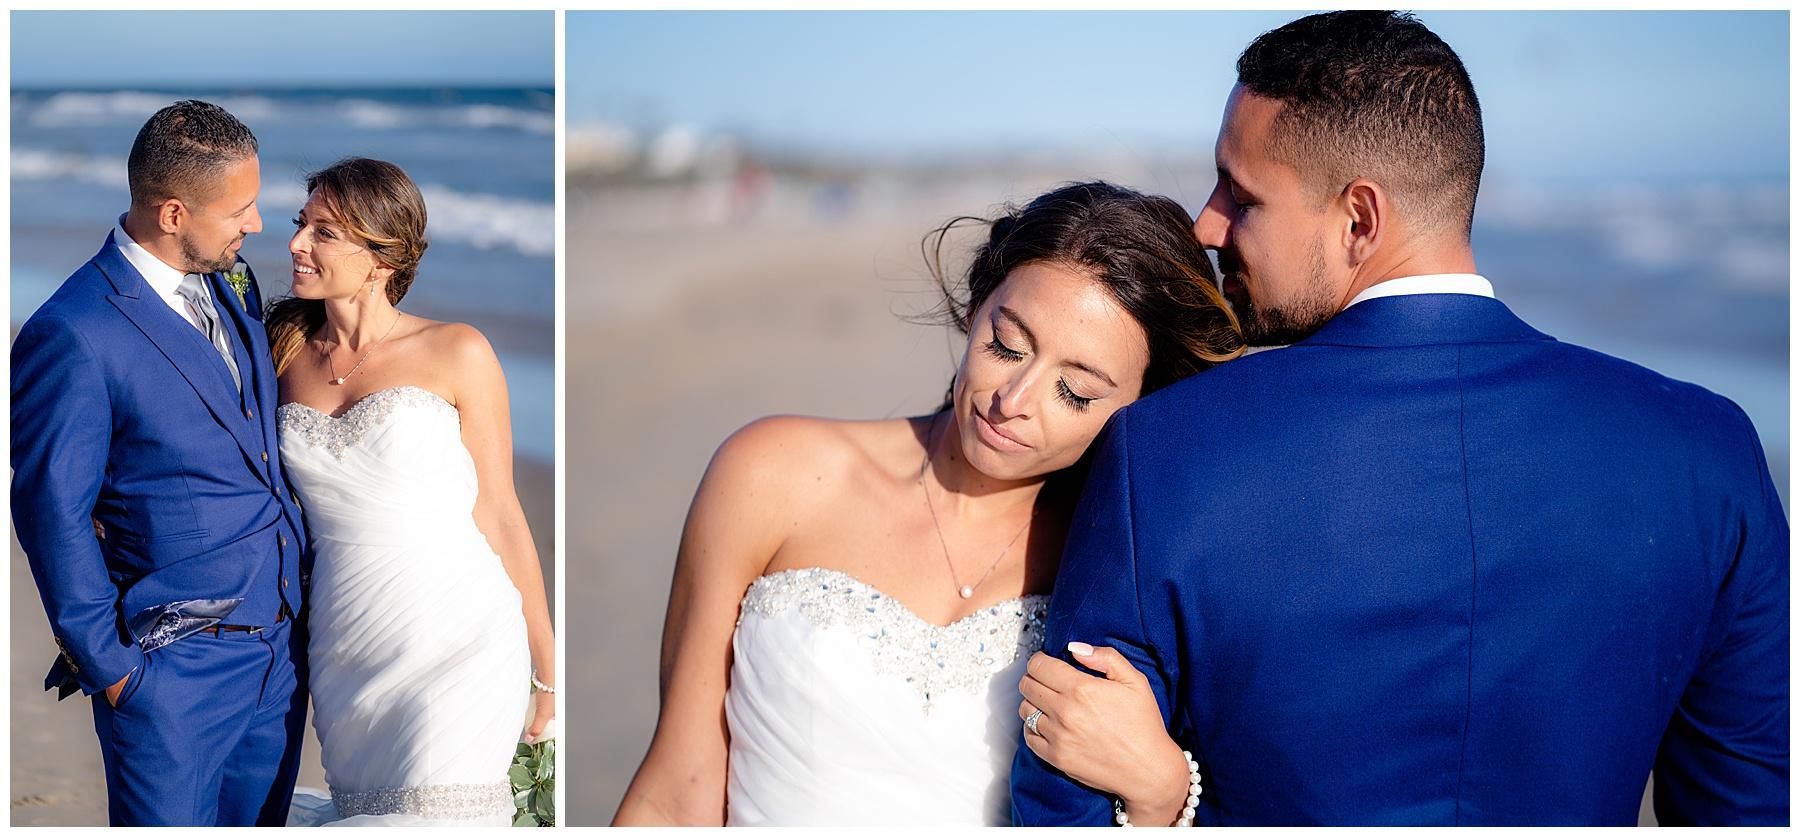 Malibu beach wedding